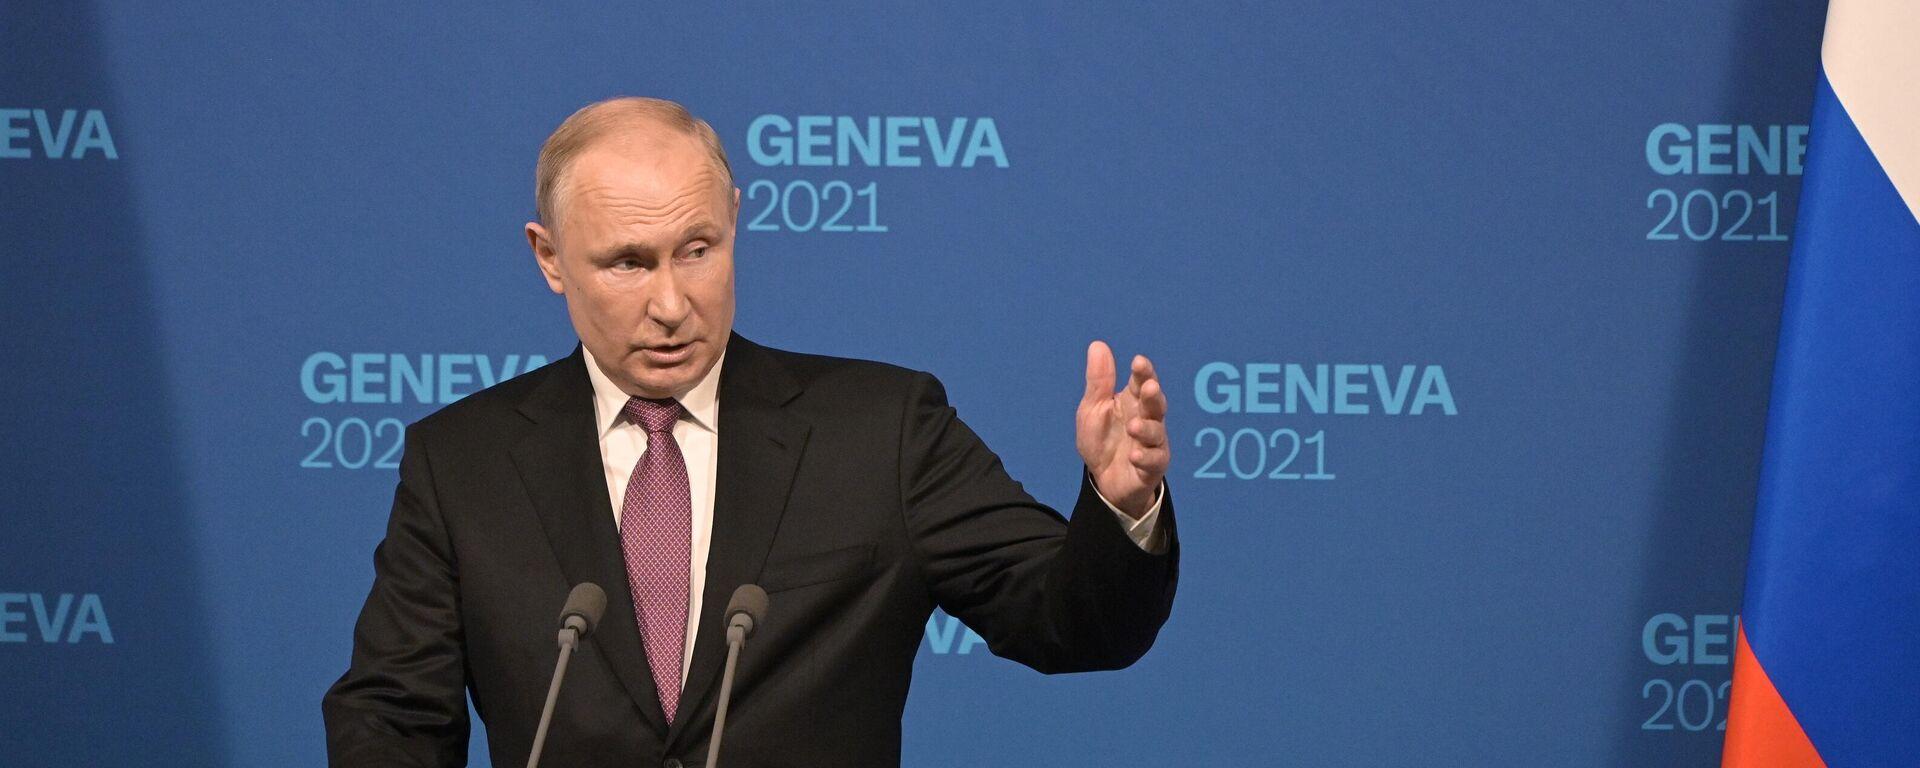 Vladimir Putin dopo i colloqui con Biden, il 16 giugno del 2021 - Sputnik Italia, 1920, 16.06.2021